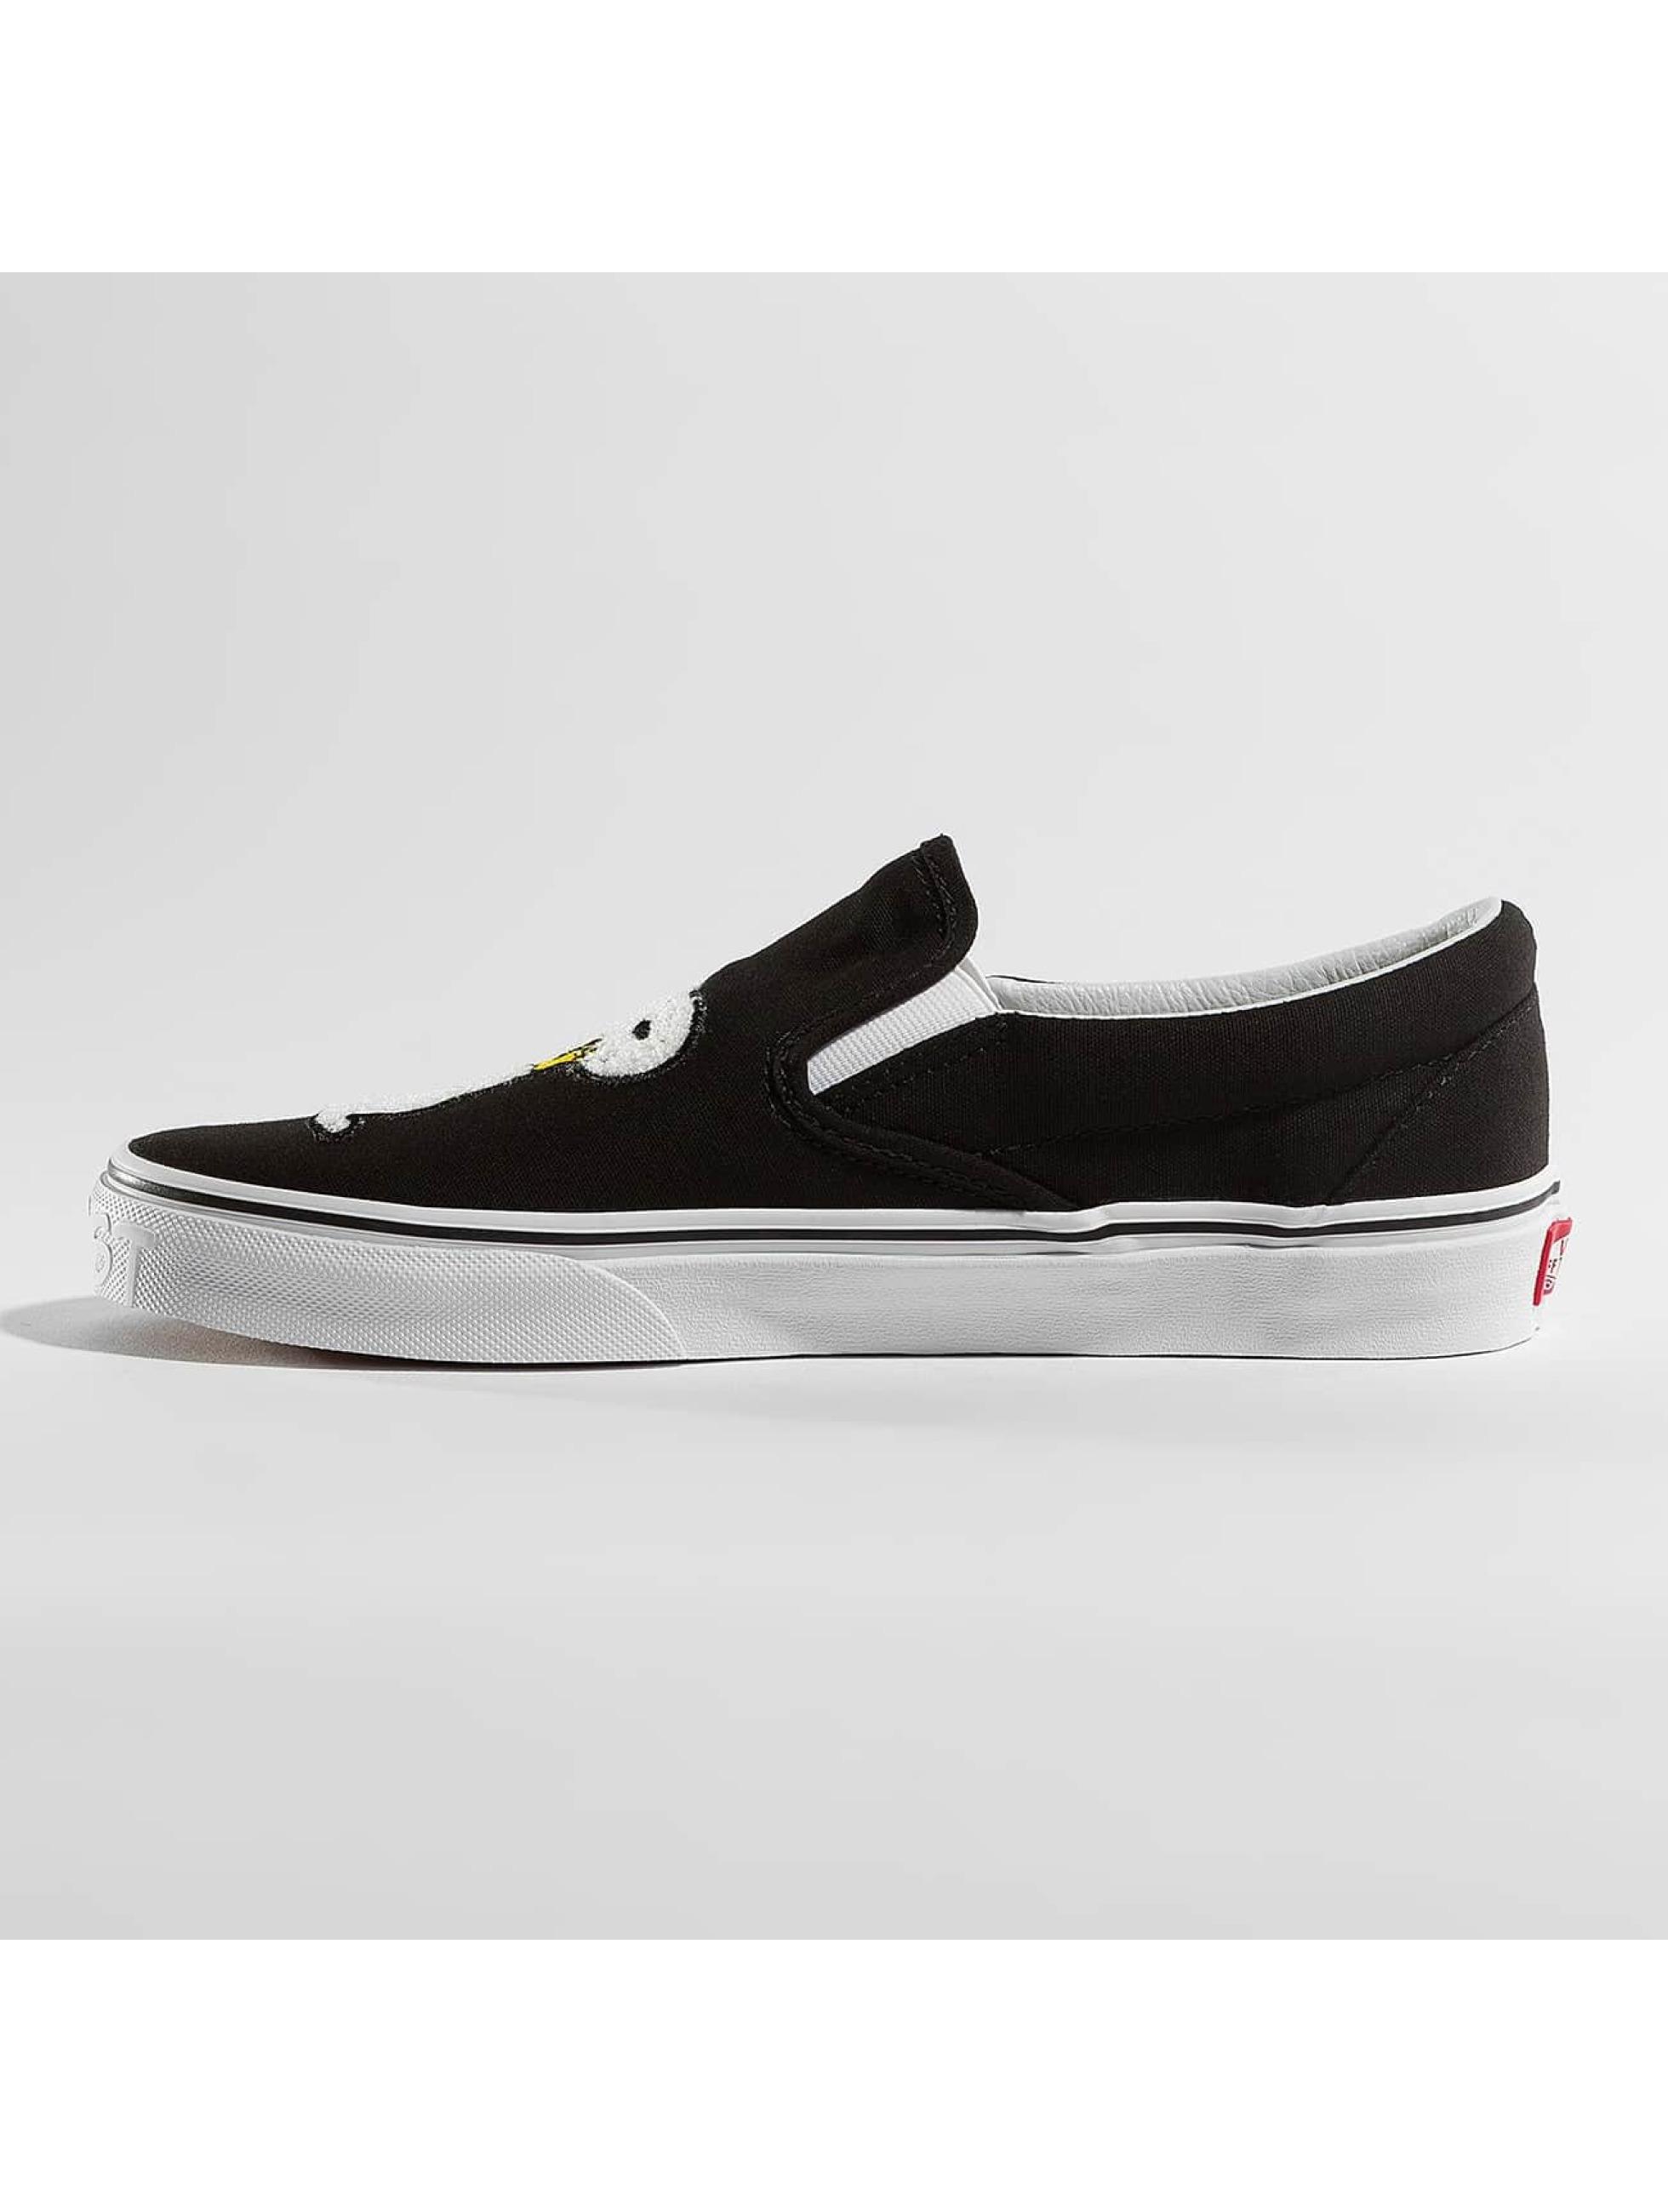 Vans Sneaker Peanuts Classic Slip On schwarz